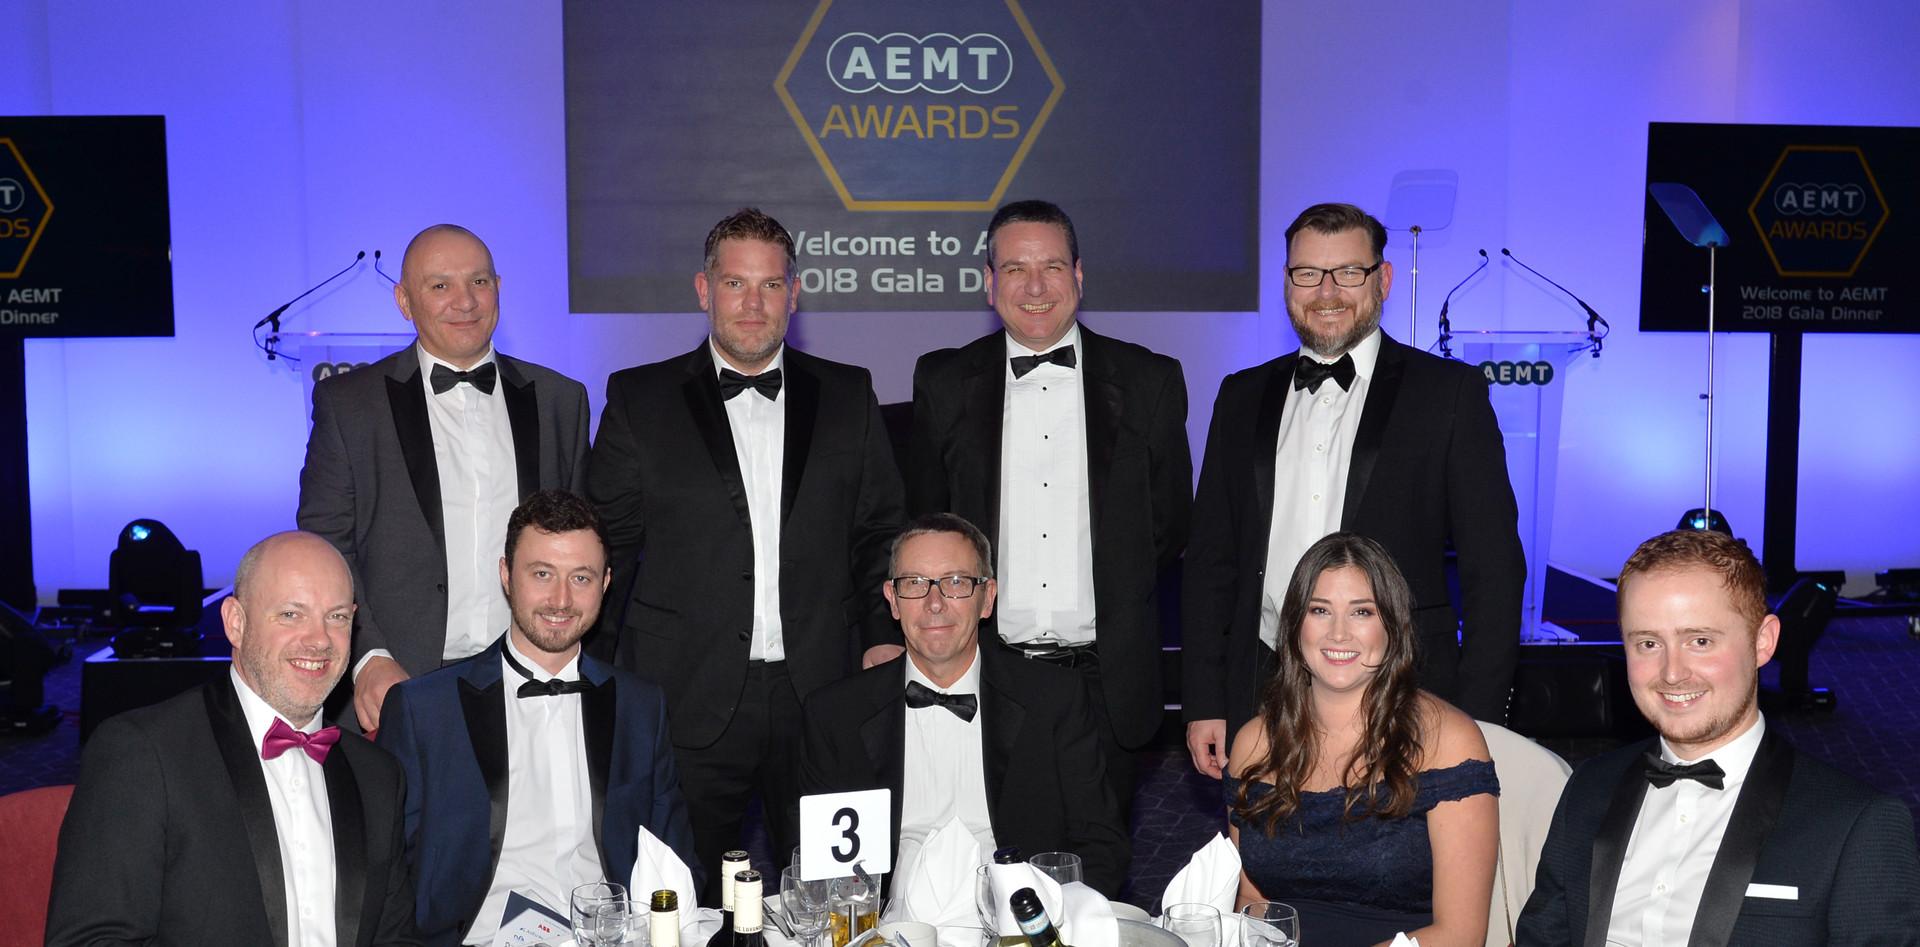 AEMT_Awards-190.jpg